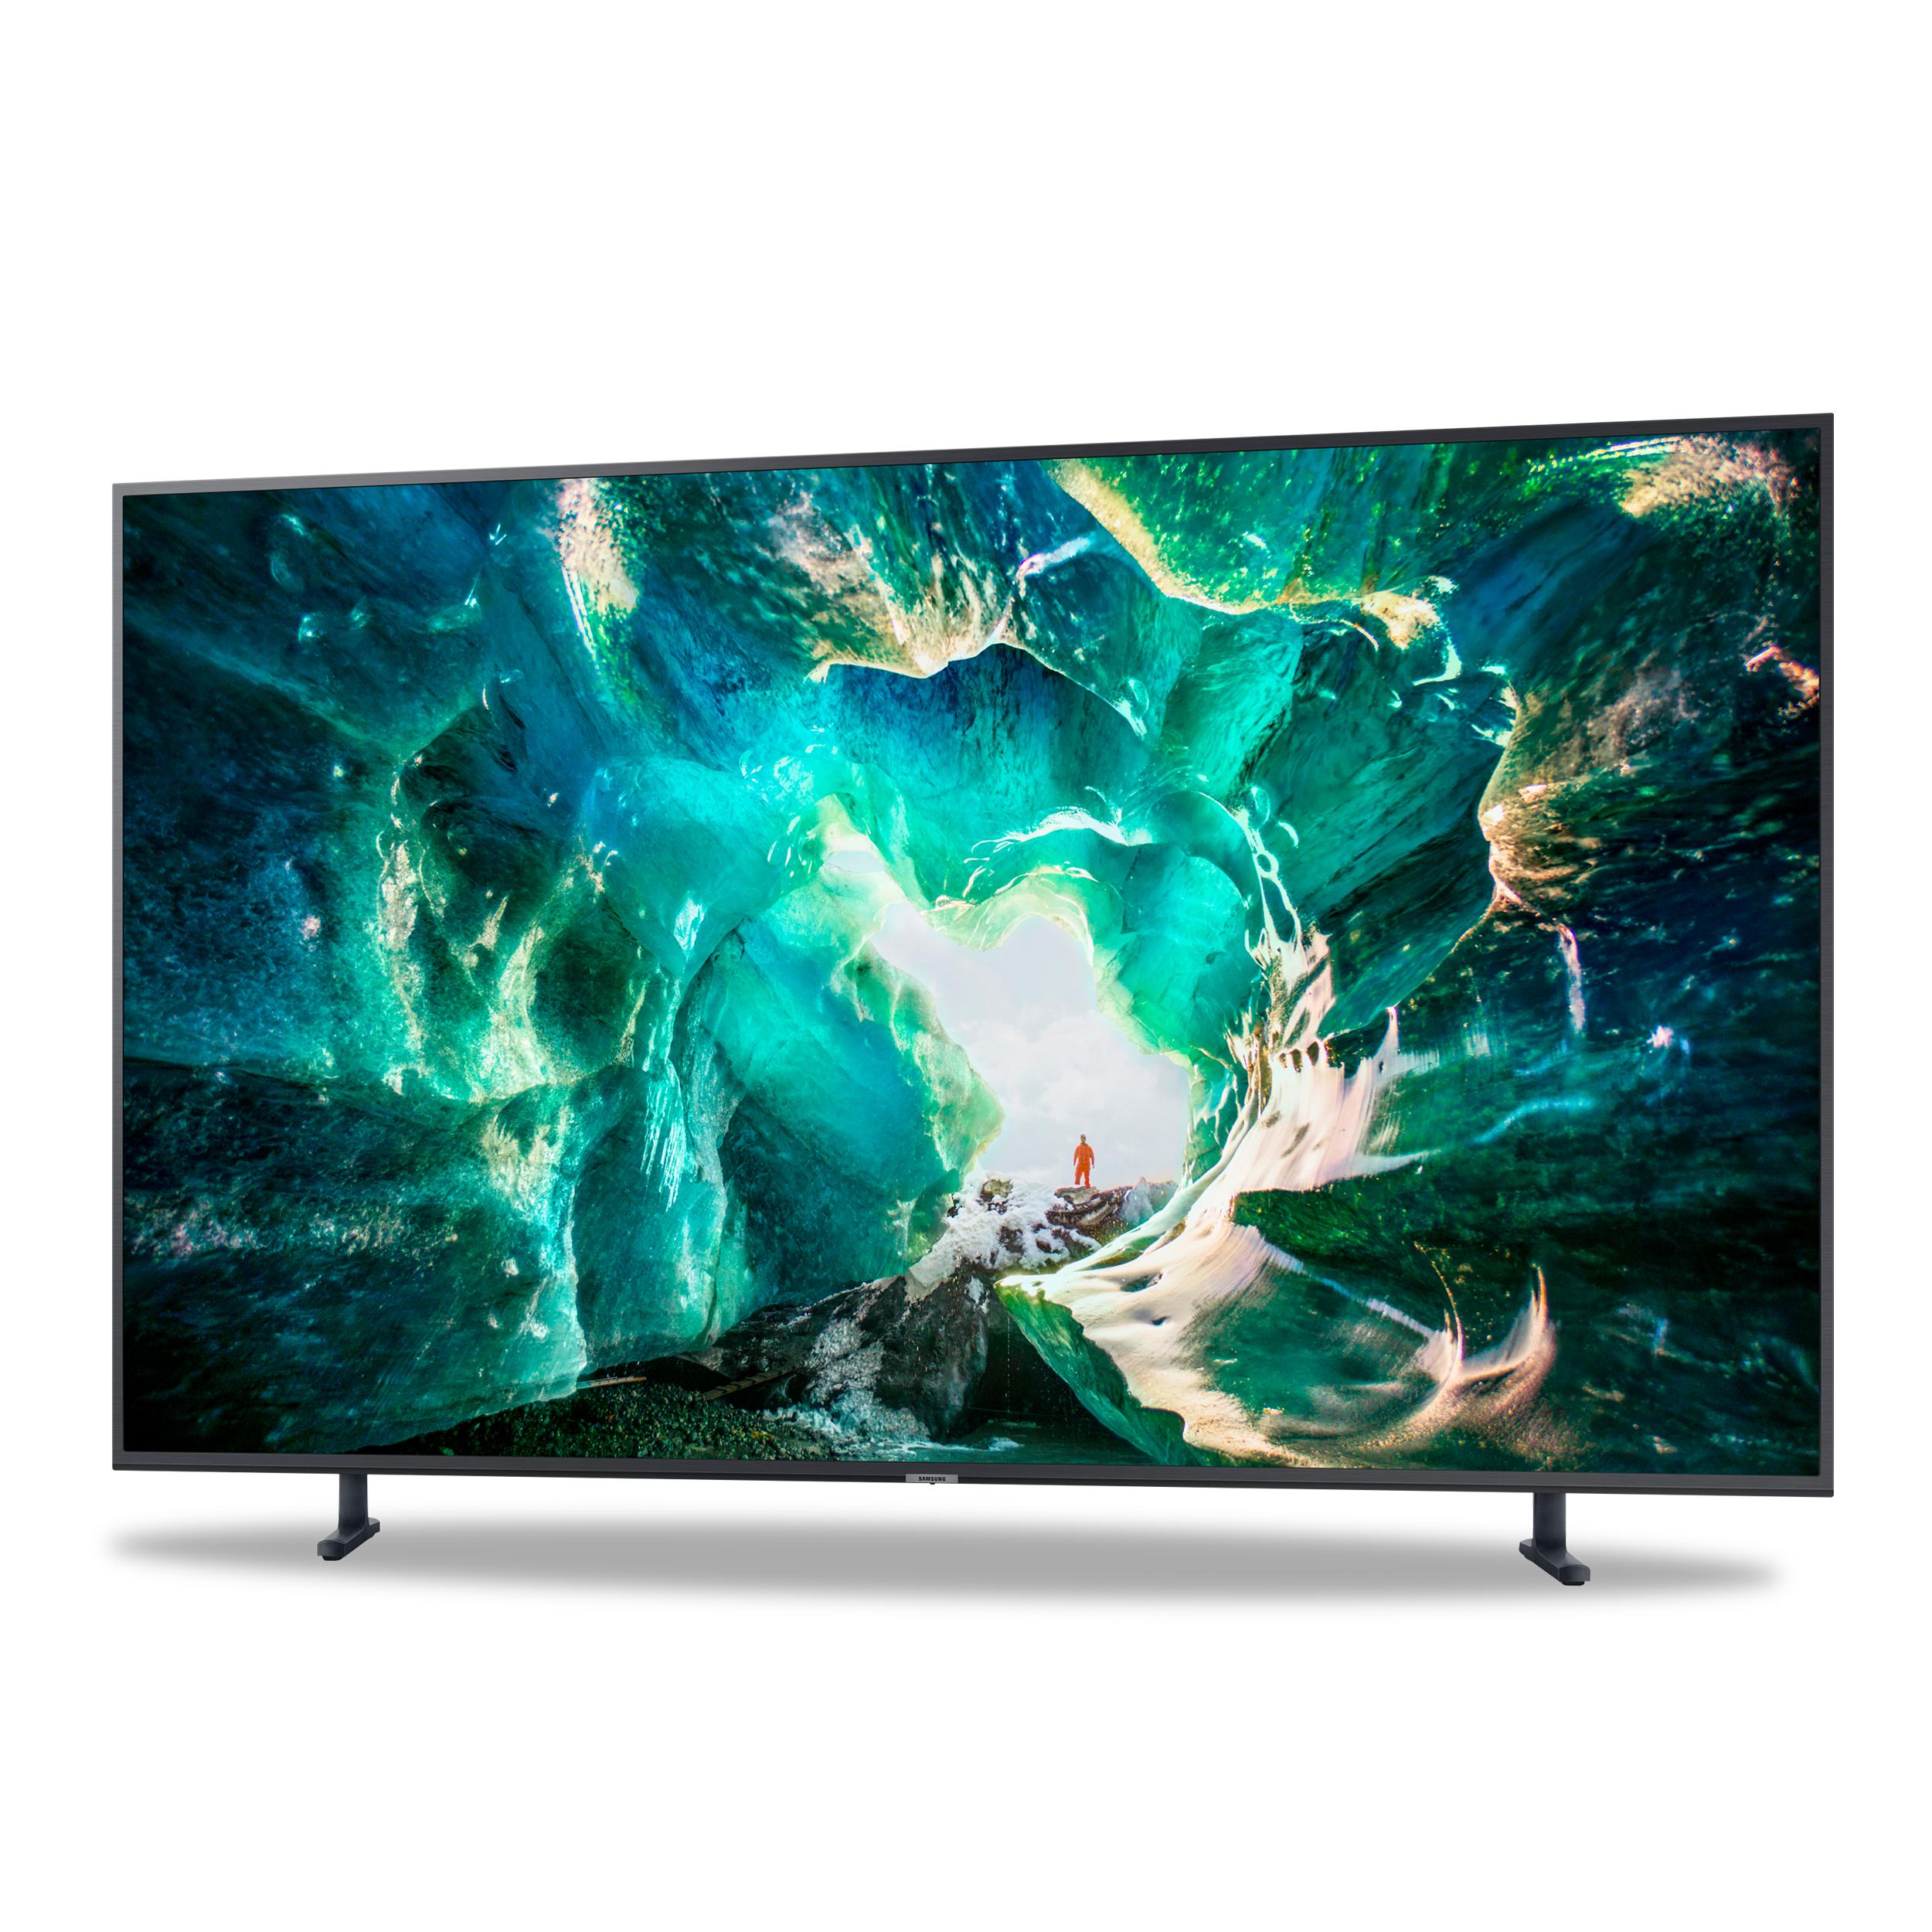 Téléviseur 4K intelligent 55'' de Samsung  - Couleurs impressionnantes sur écran 4K - Commandes vocales avec la fonction Bixby - Inclus des applications populaires